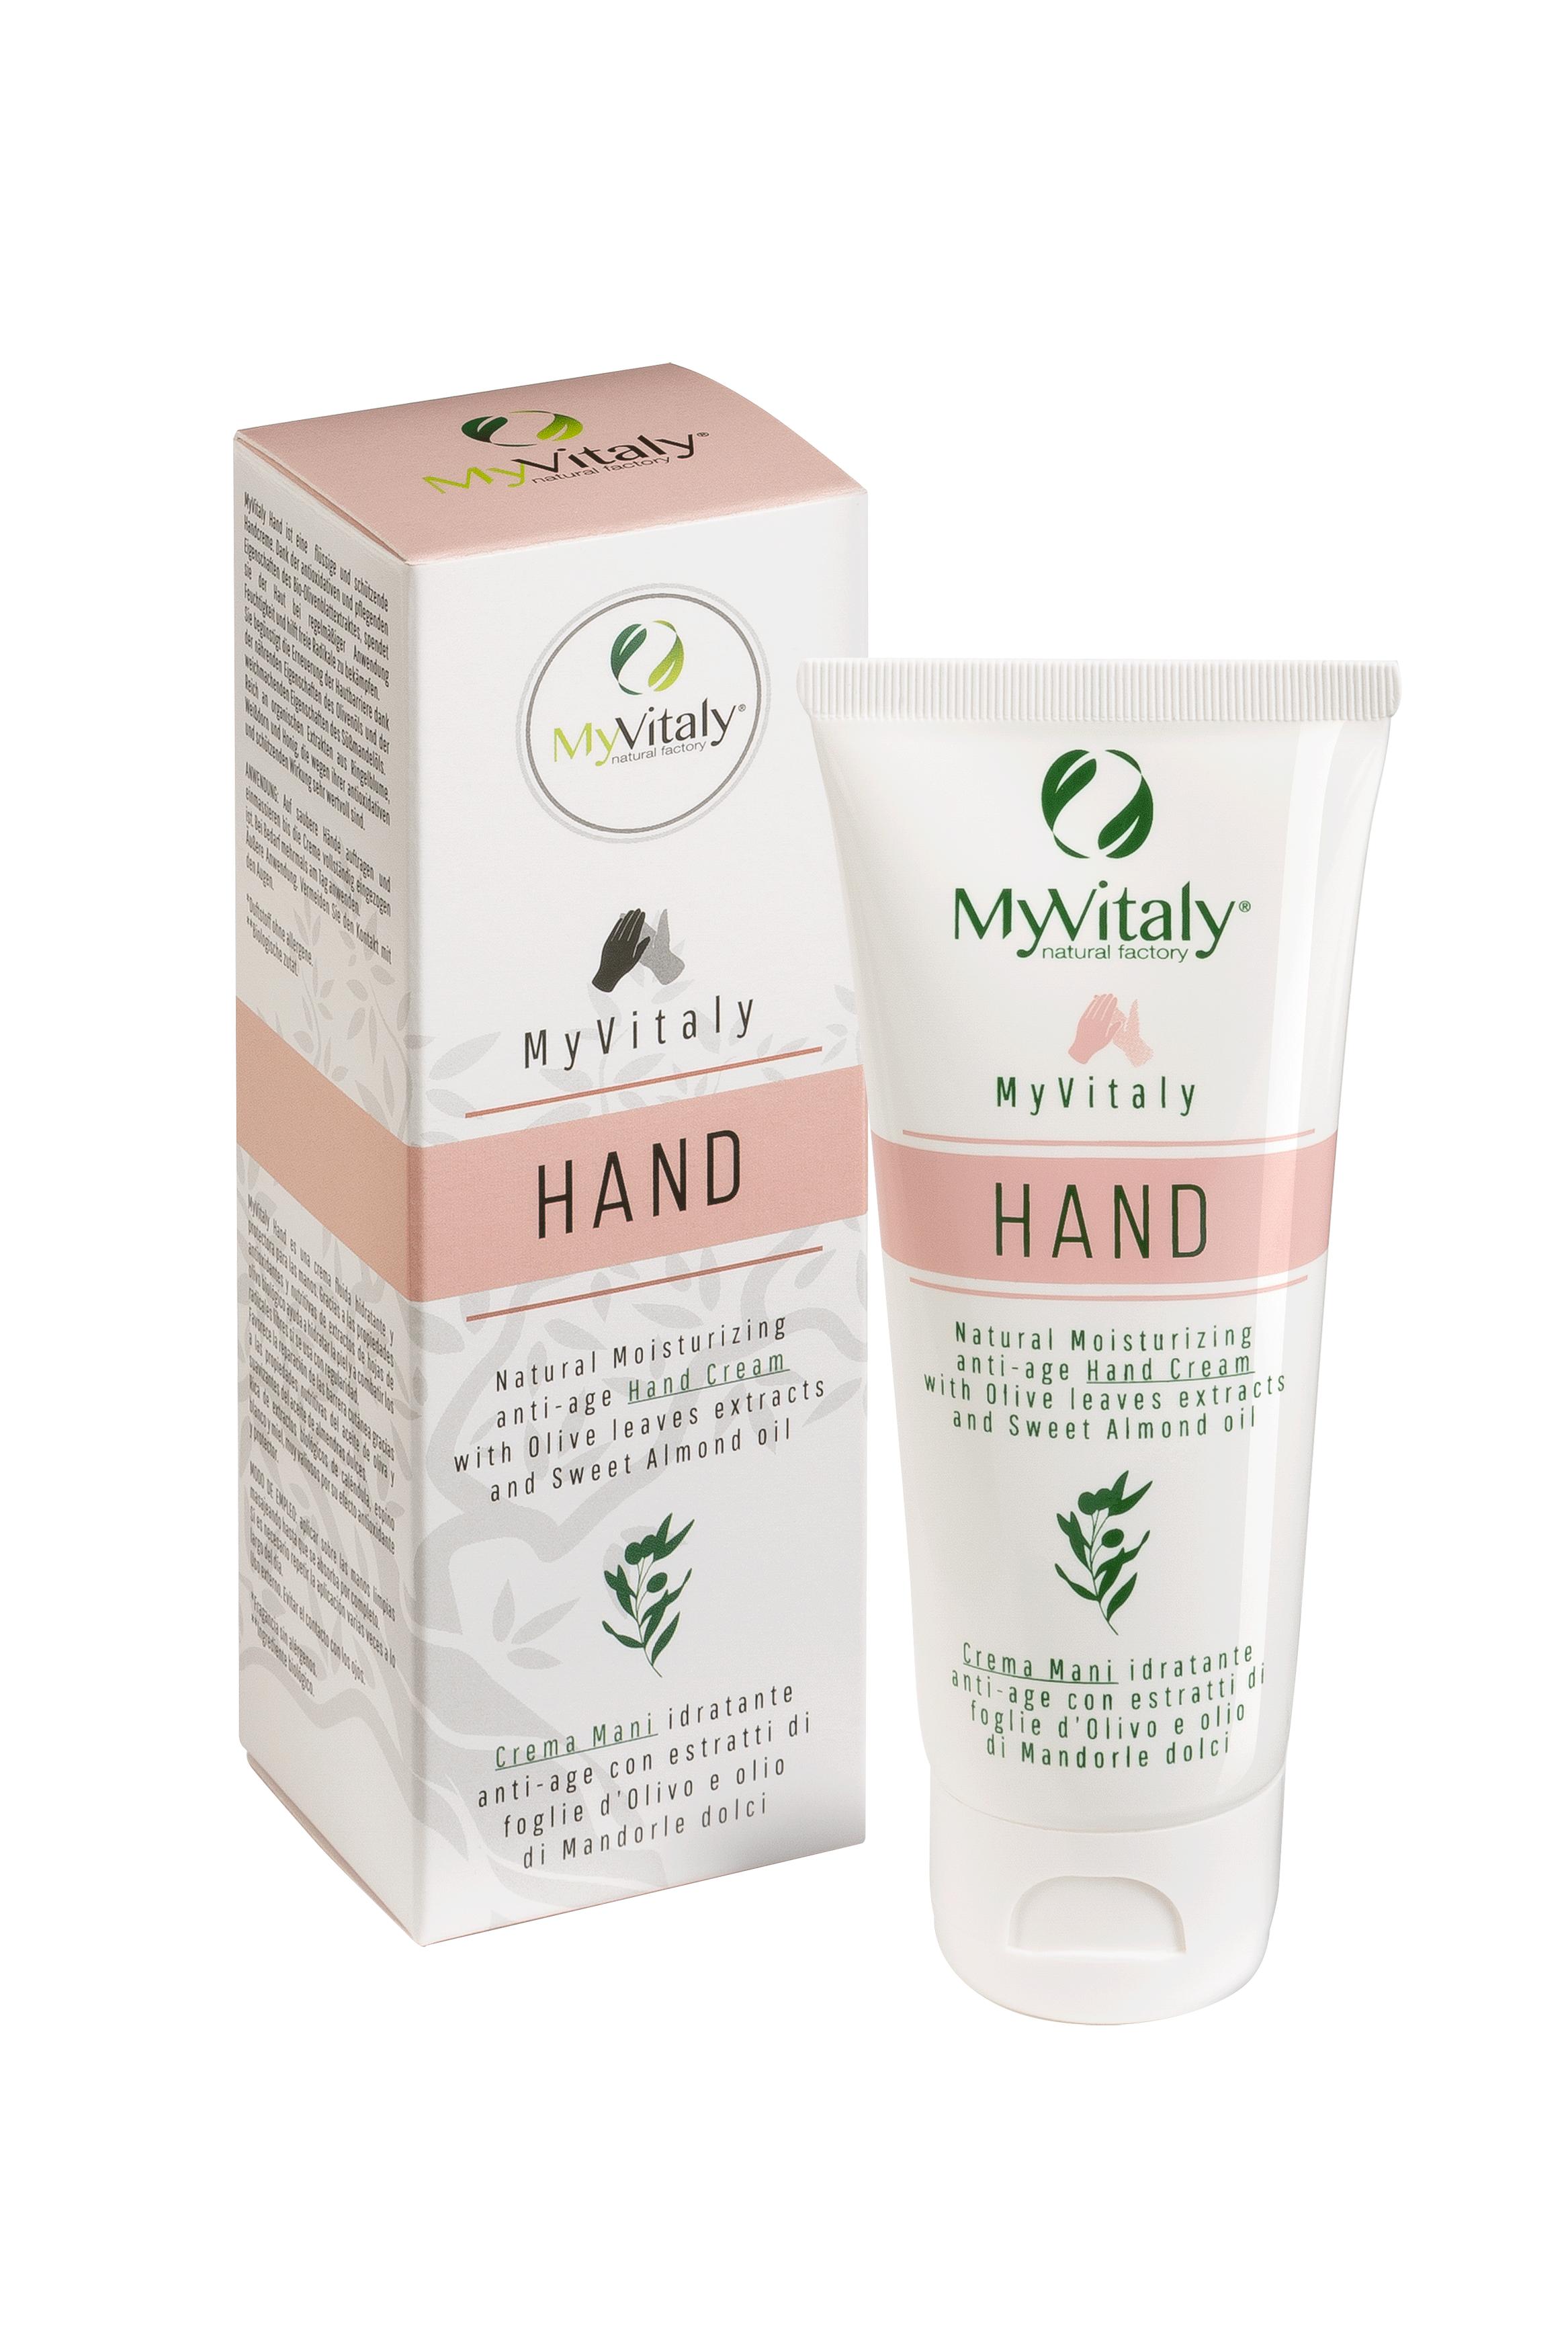 MyVitaly hand crema mani bio